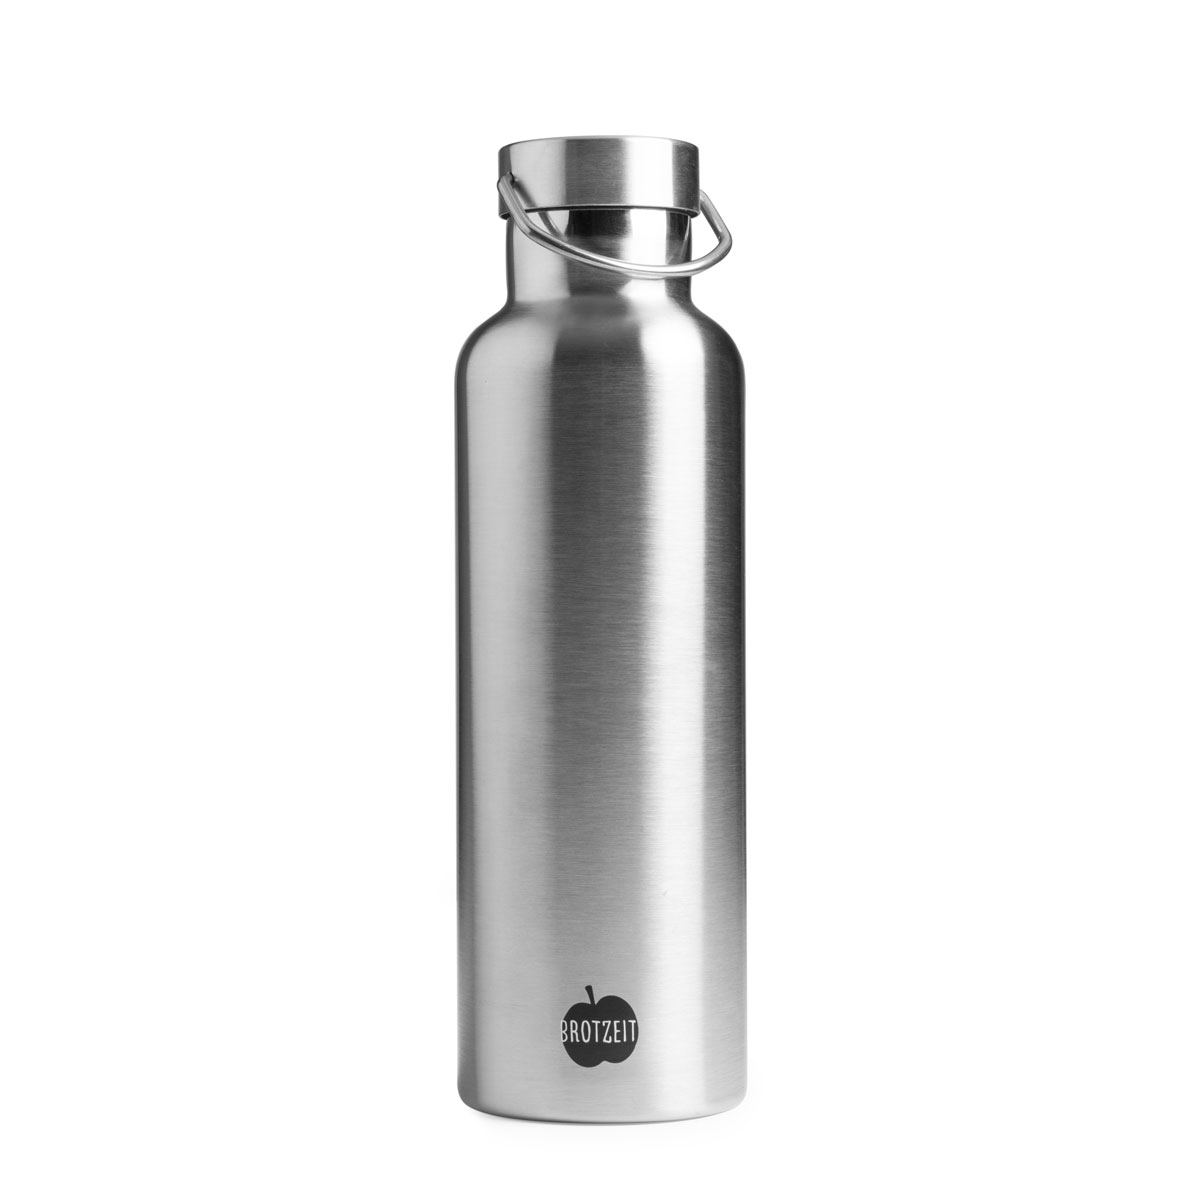 Isolierte Trinkflasche aus Edelstahl 750 ML von Brotzeit